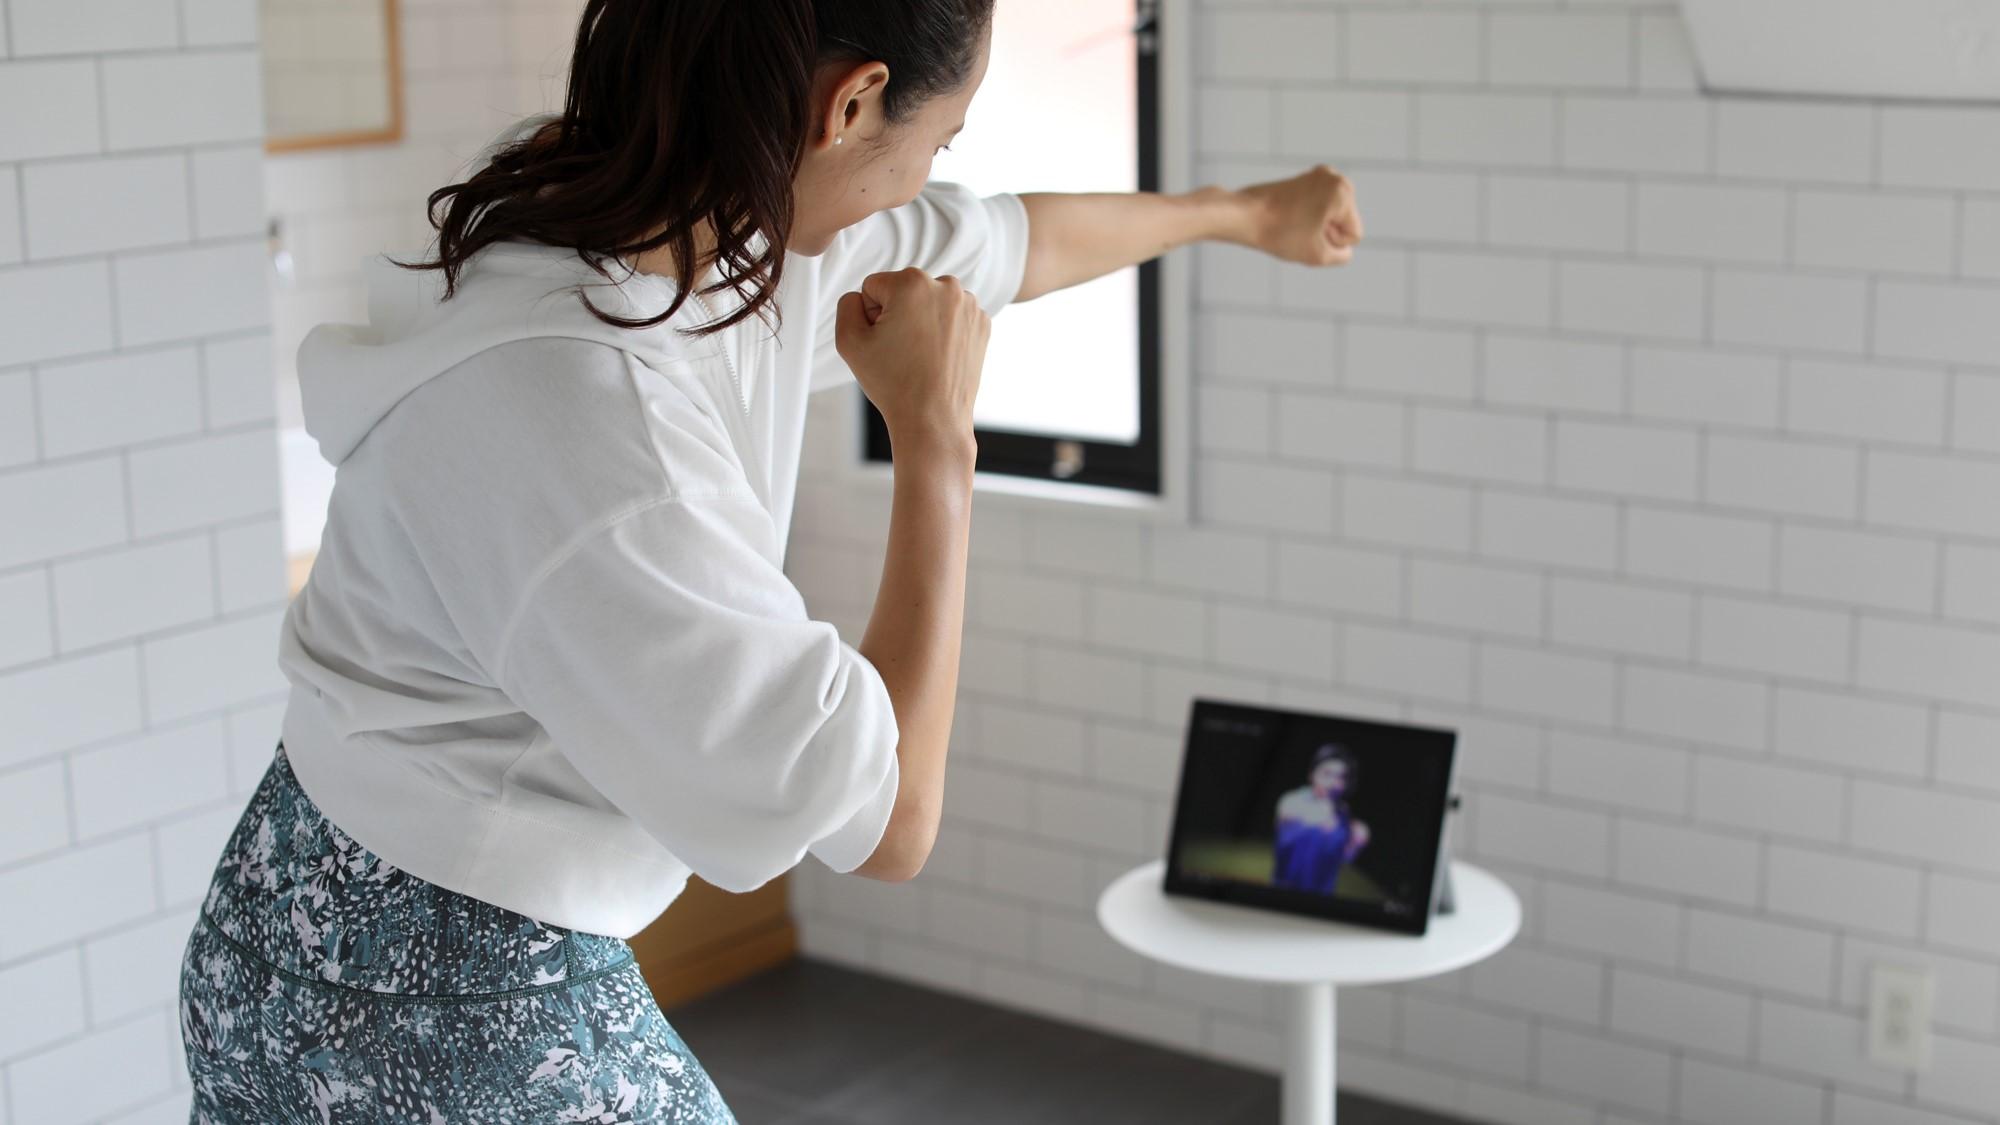 【メガロスコラボセミナー】リモート時代の新しい健康経営-オンラインフィットネスの企業事例と習慣化の秘訣-